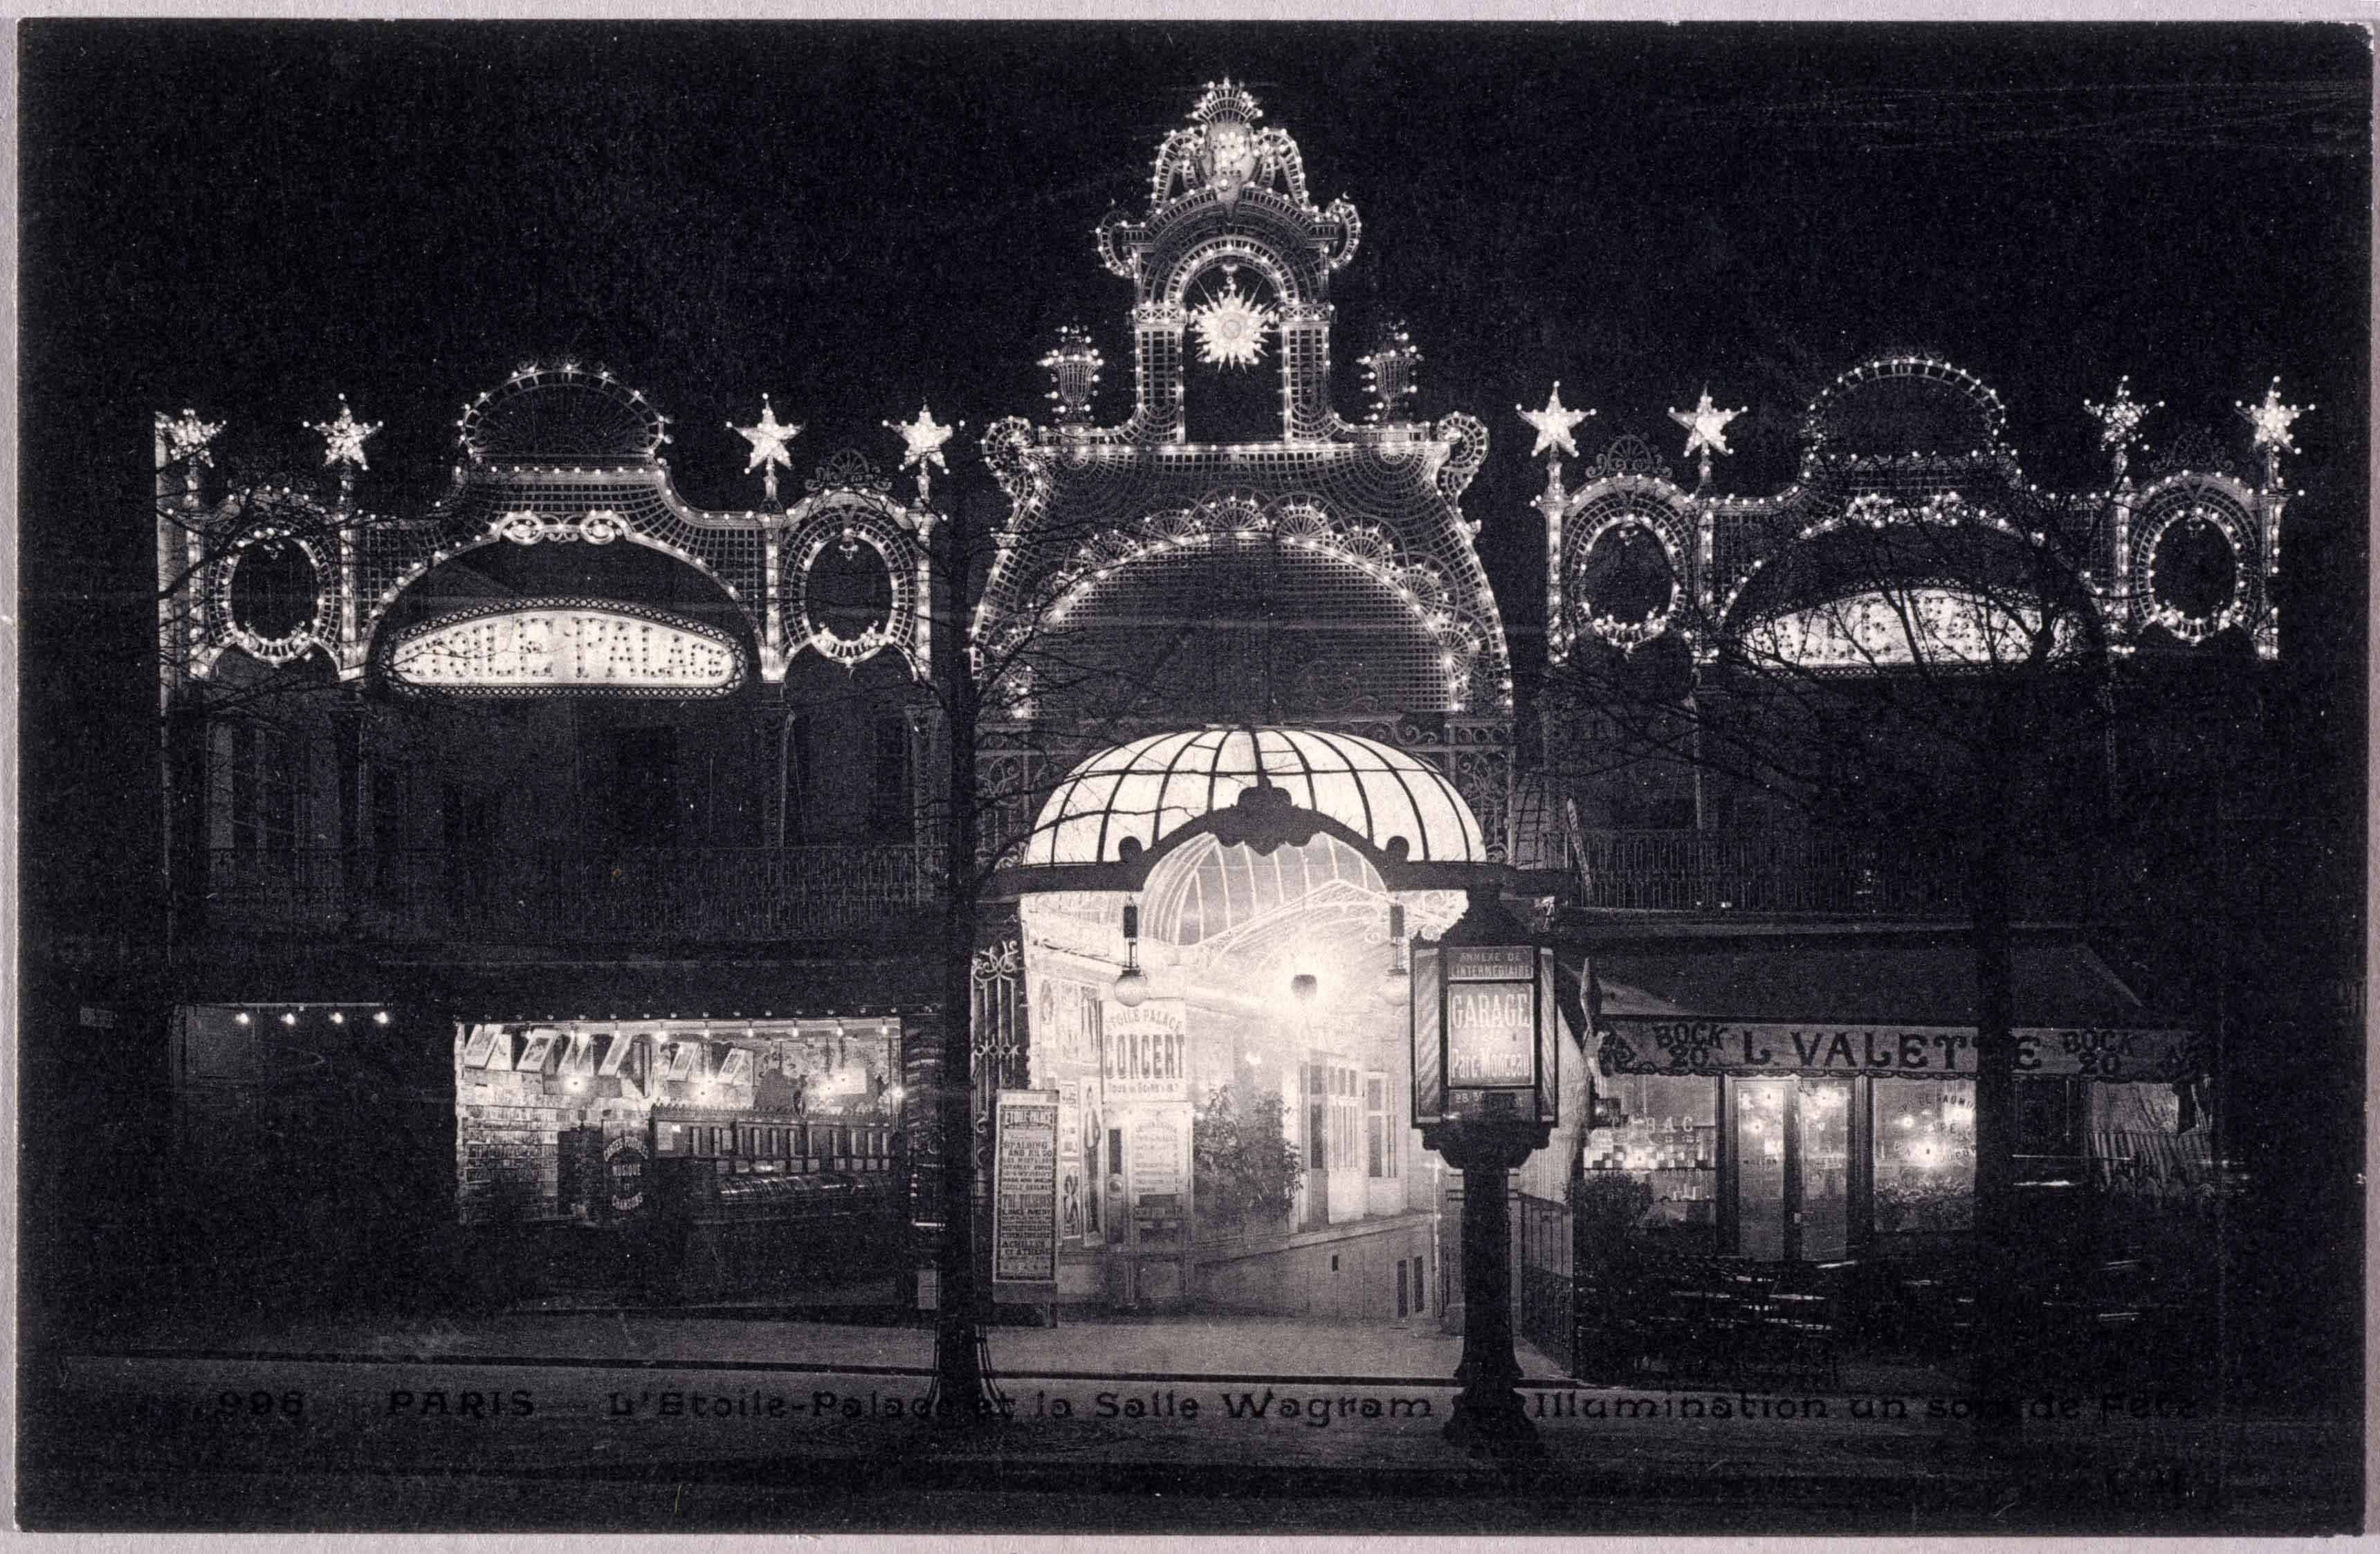 L'Étoile-palace et la salle Wagram, illumination un soir de fête Anonyme, carte postale© Musée Carnavalet / Roger-Viollet